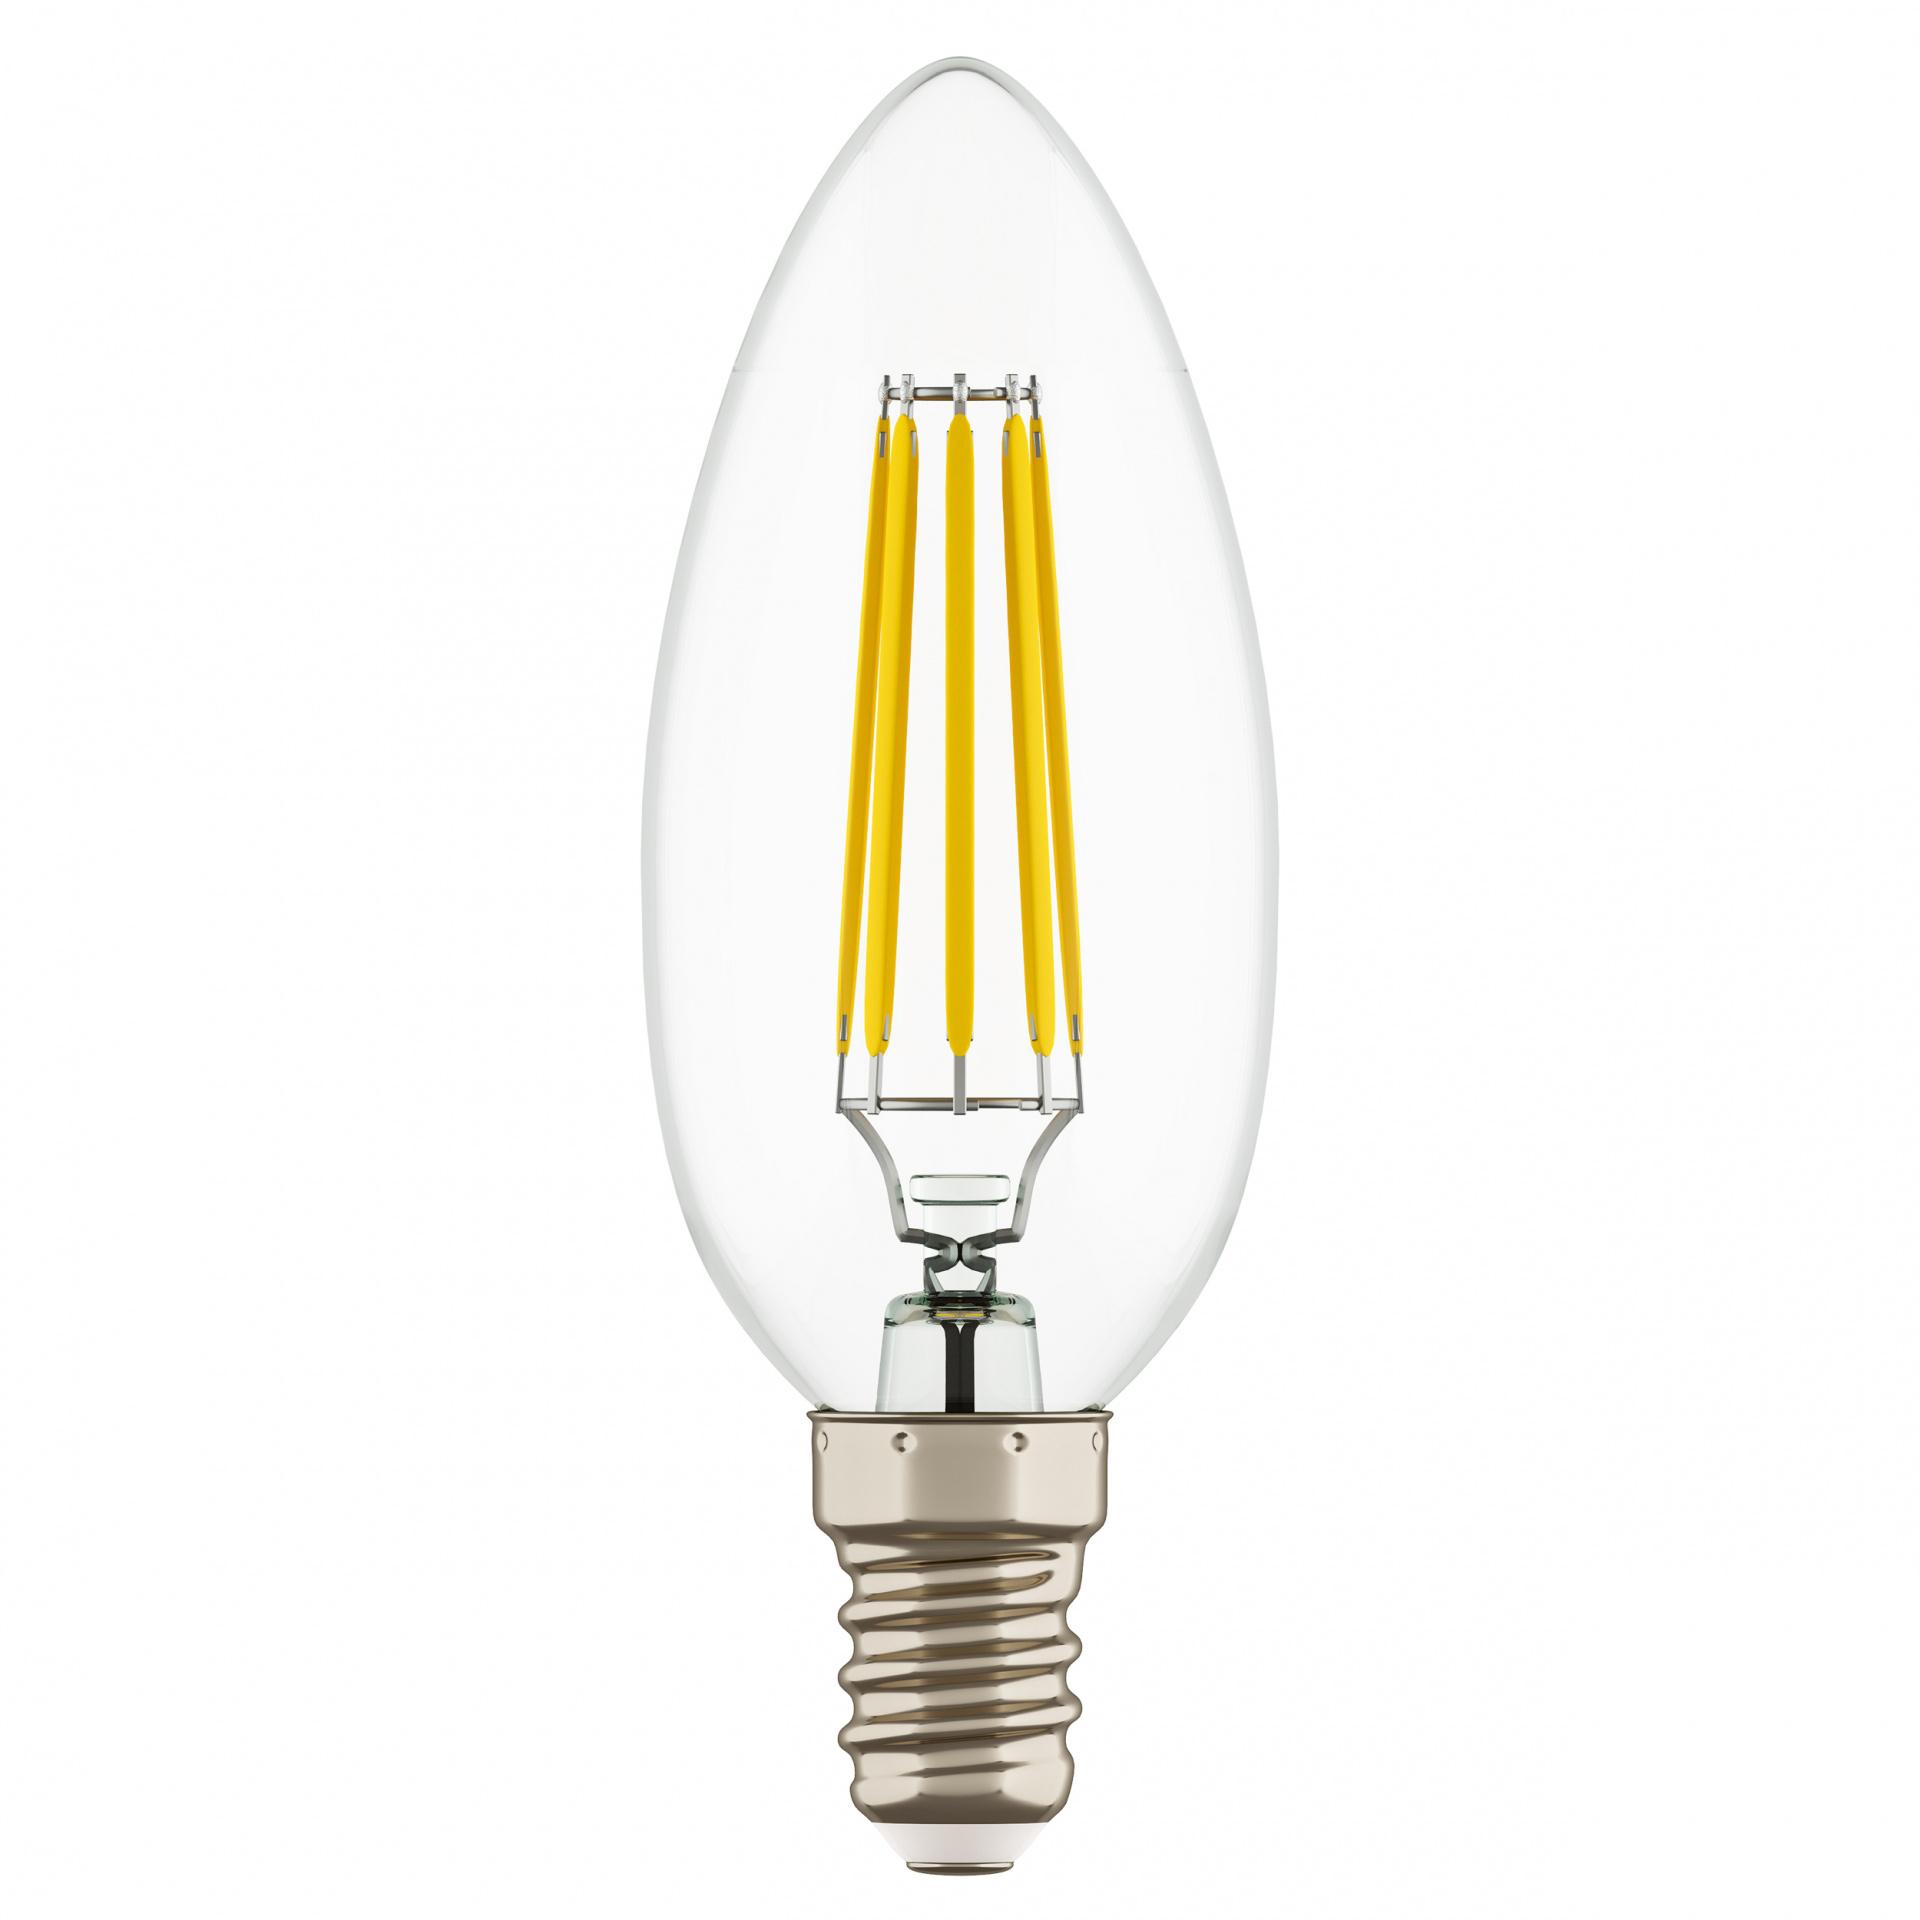 Лампа LED 220V C35 E14 4W=40W 350LM 360G CL 4000K 20000H Lightstar 940564, купить в СПб, Москве, с доставкой, Санкт-Петербург, интернет-магазин люстр и светильников Starlight, фото в жизни